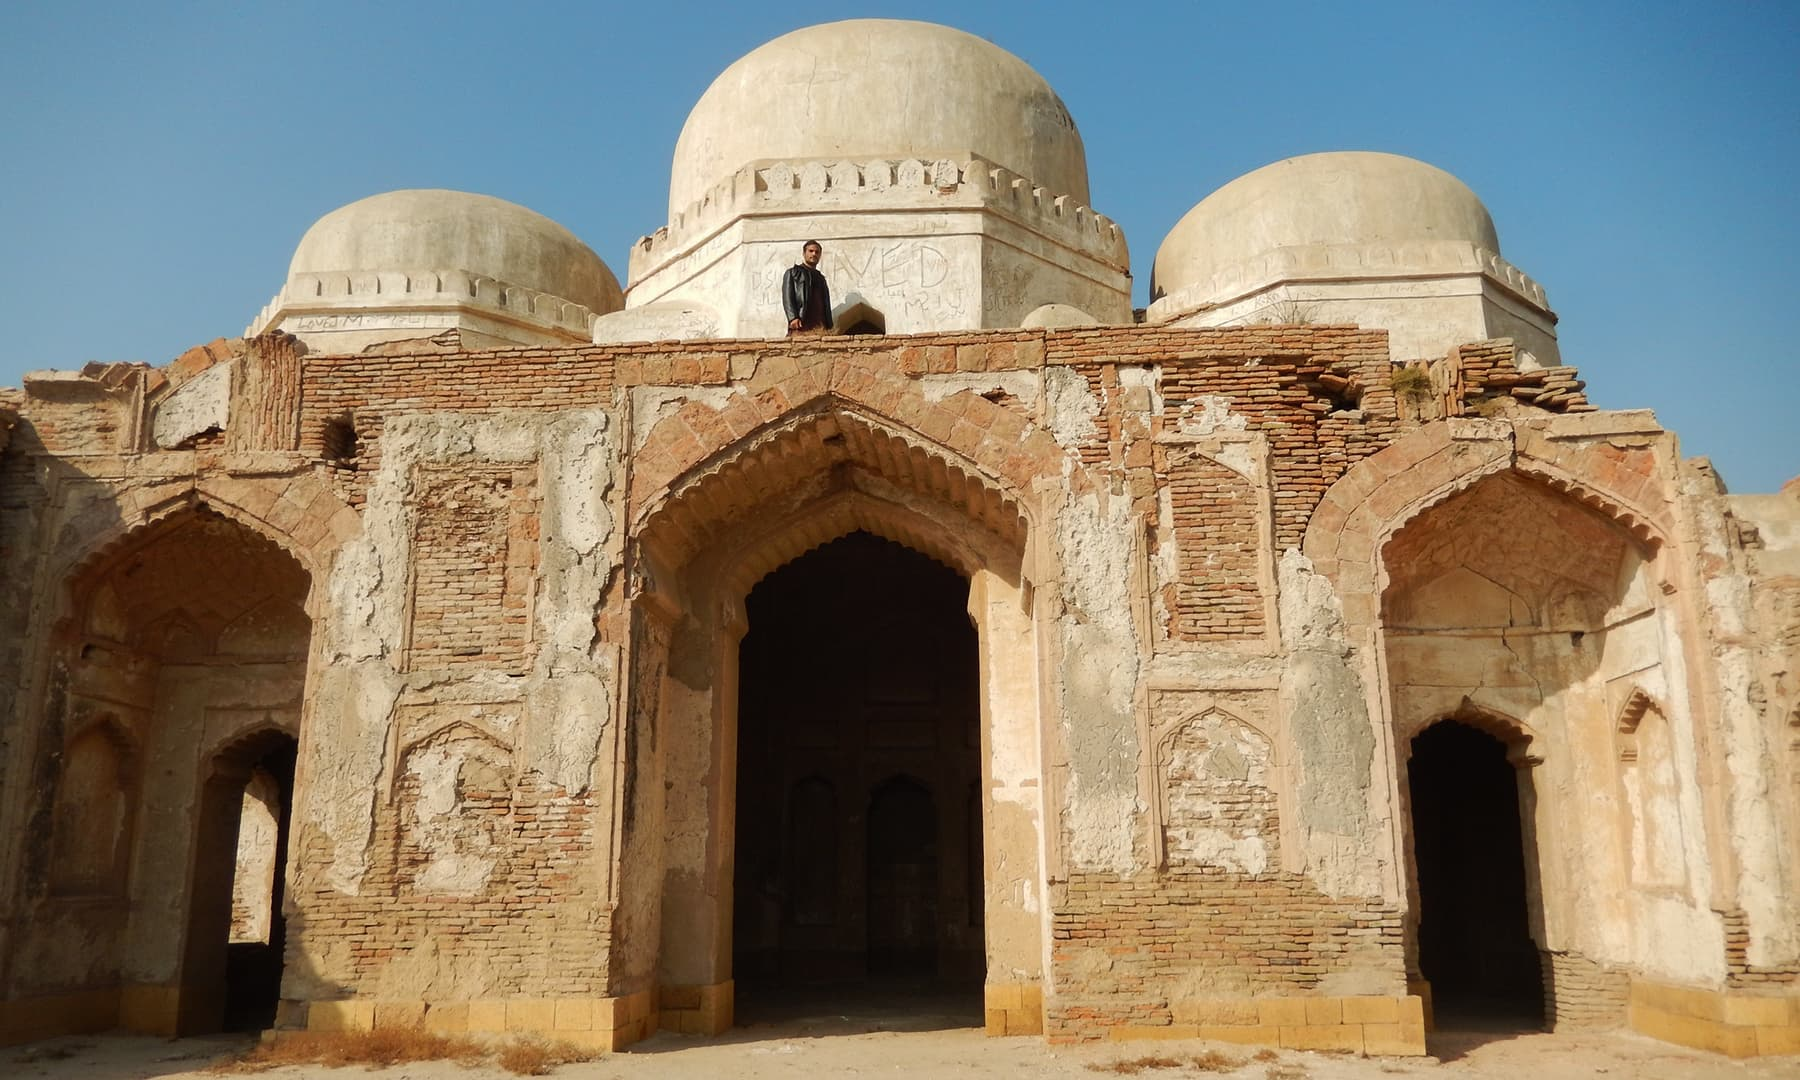 آثار قدیمہ کے جنوب میں واقع قدیم مسجد—تصویر ابوبکر شیخ